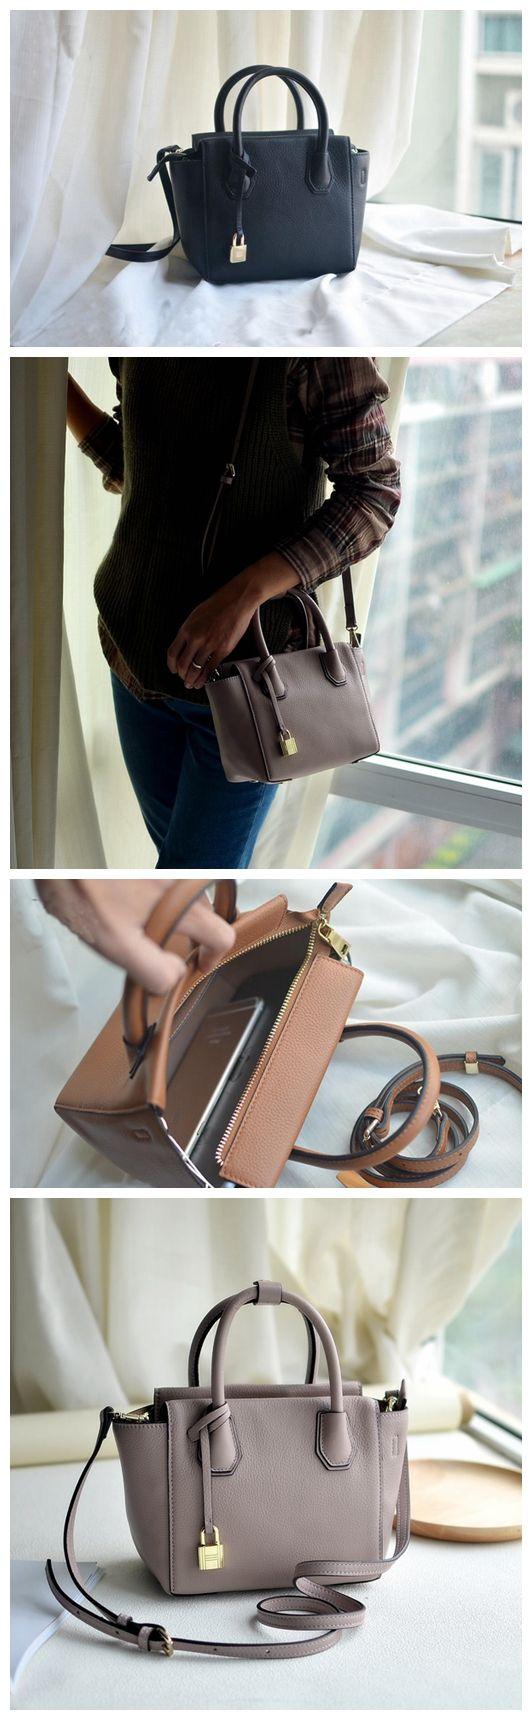 Smart Handmade Women Tote Bag, Leather Shoulder Bag, Messenger Bag PY005